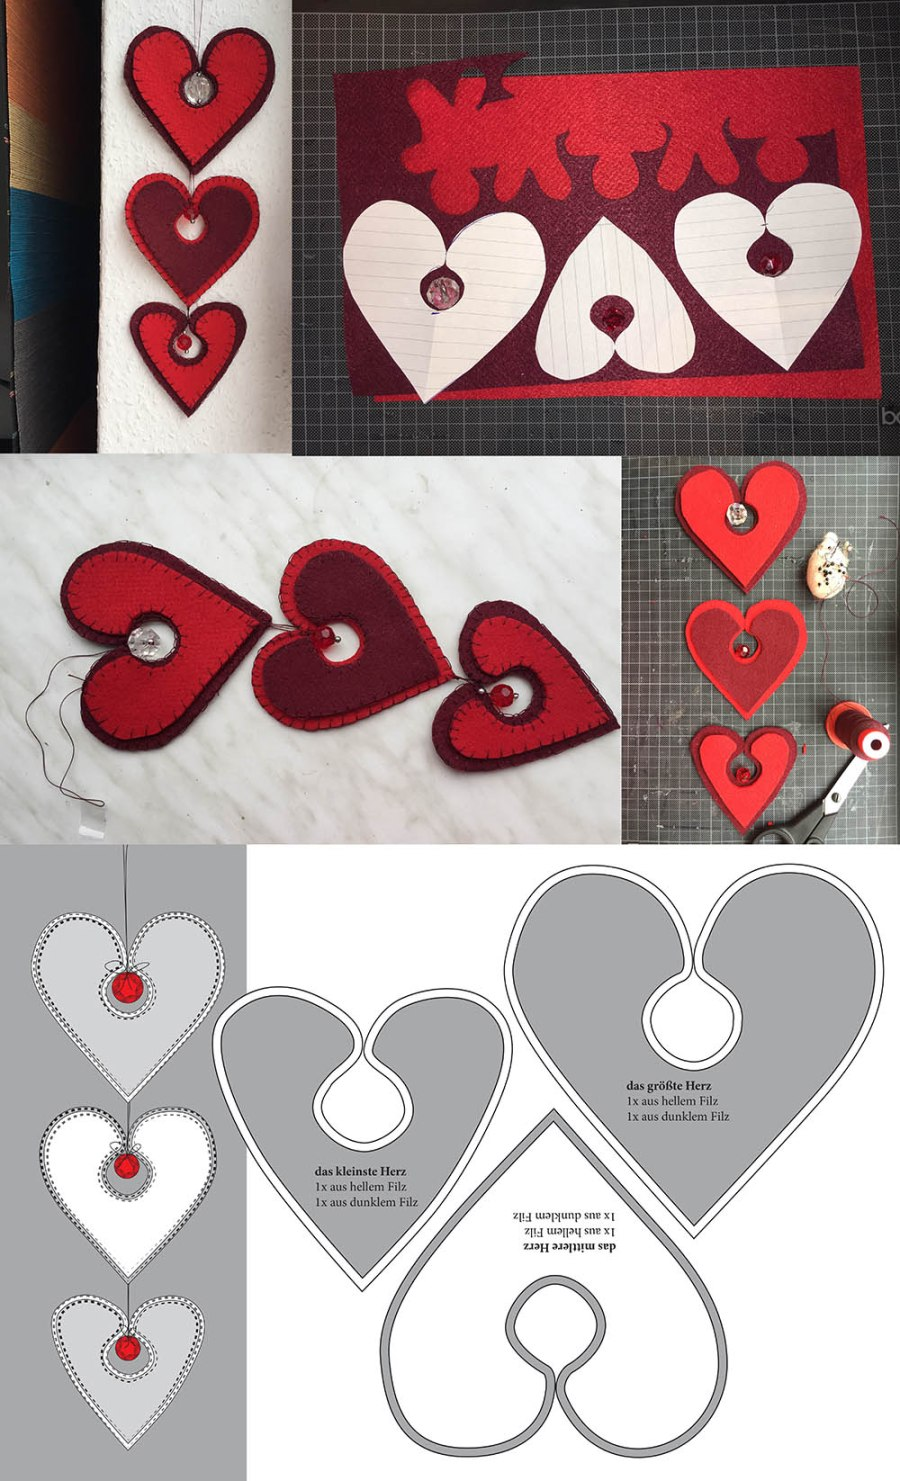 Wanddekoration aBasteln mit Filz, Dekoration für den Valentinstag, einfache DIY-Projekte aus Filz, Basteln für den Valentinstag, Herzen aus Filz basteln, nähen mit dickem Filz, nähen mit der Hand, ohne Nähmaschine nähen, mit der Hand nähen, handwerklich nähen, Knopflochstich nähen, wie geht der Knopflochstich, Stoffkanten mit der Hand versäubern, Säume sichern ohne Nähmaschine Overlockmaschine, saubere Stoffkanten ohne Overlocknähmaschine, kostenlose Anleitung mit Druckvorlage für Valentinstagus Filzherzen und großen Kristallen